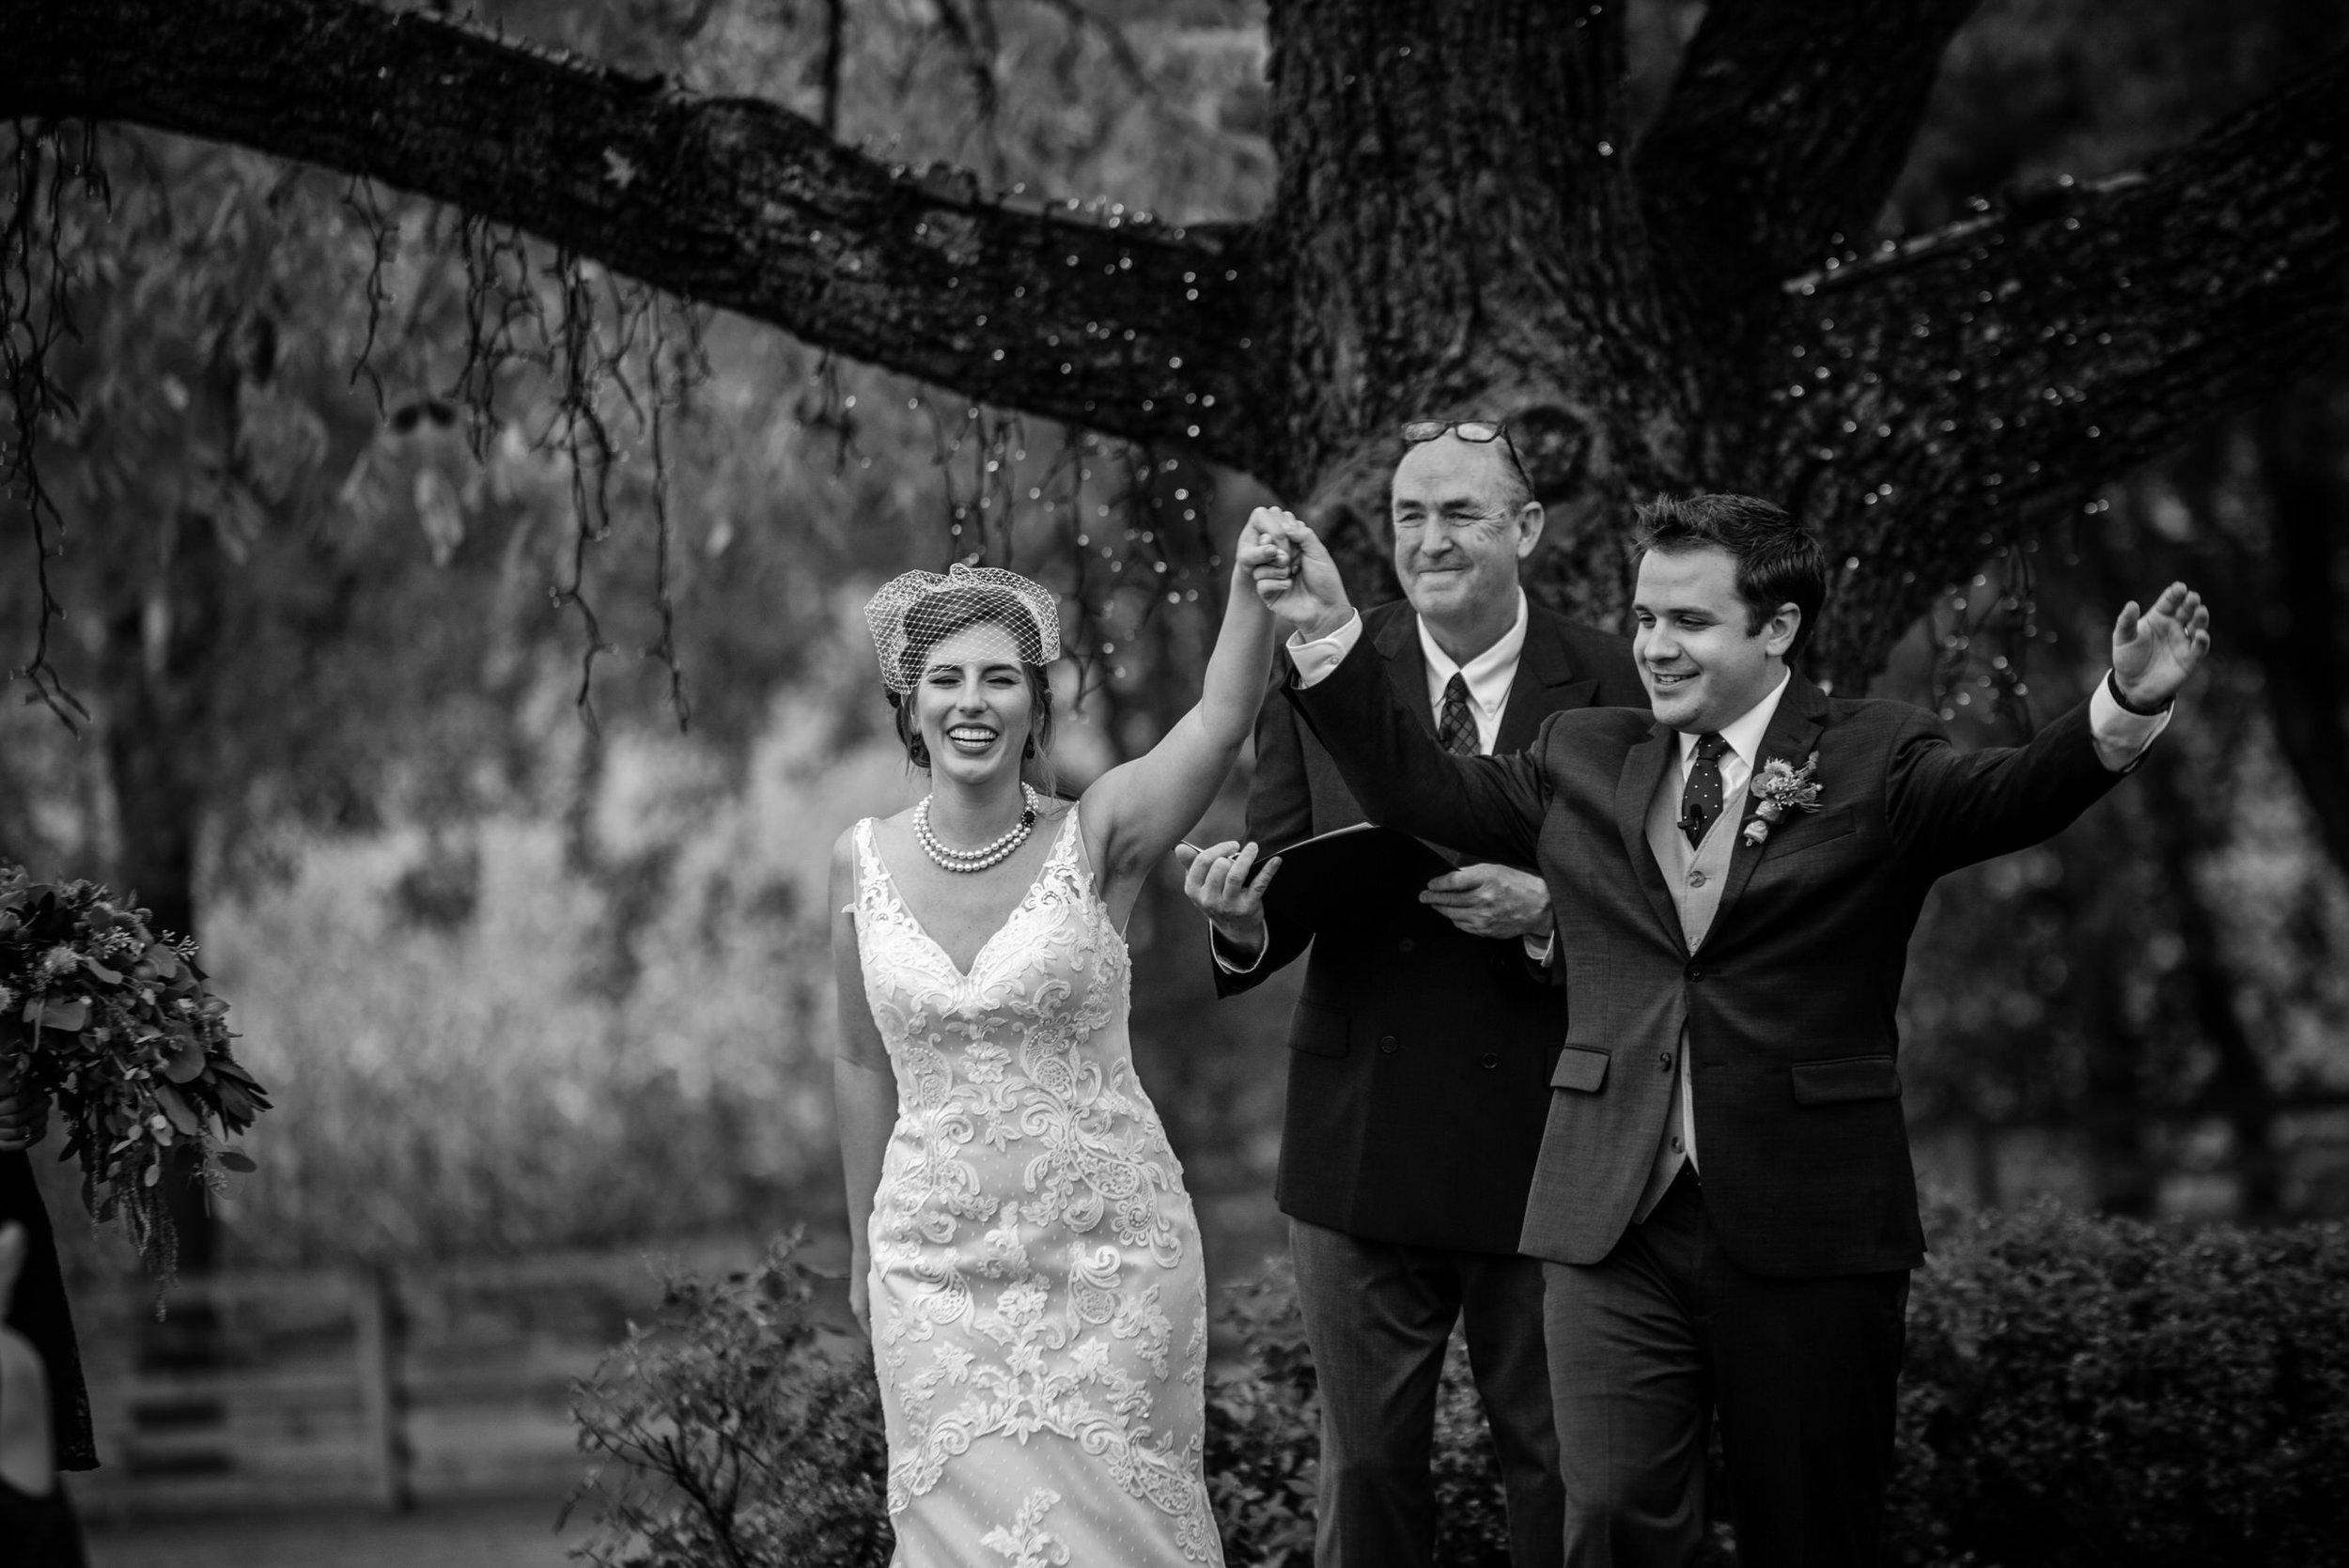 WalkersOverlookWedding-Angela&Ben-Ceremony-34.jpg